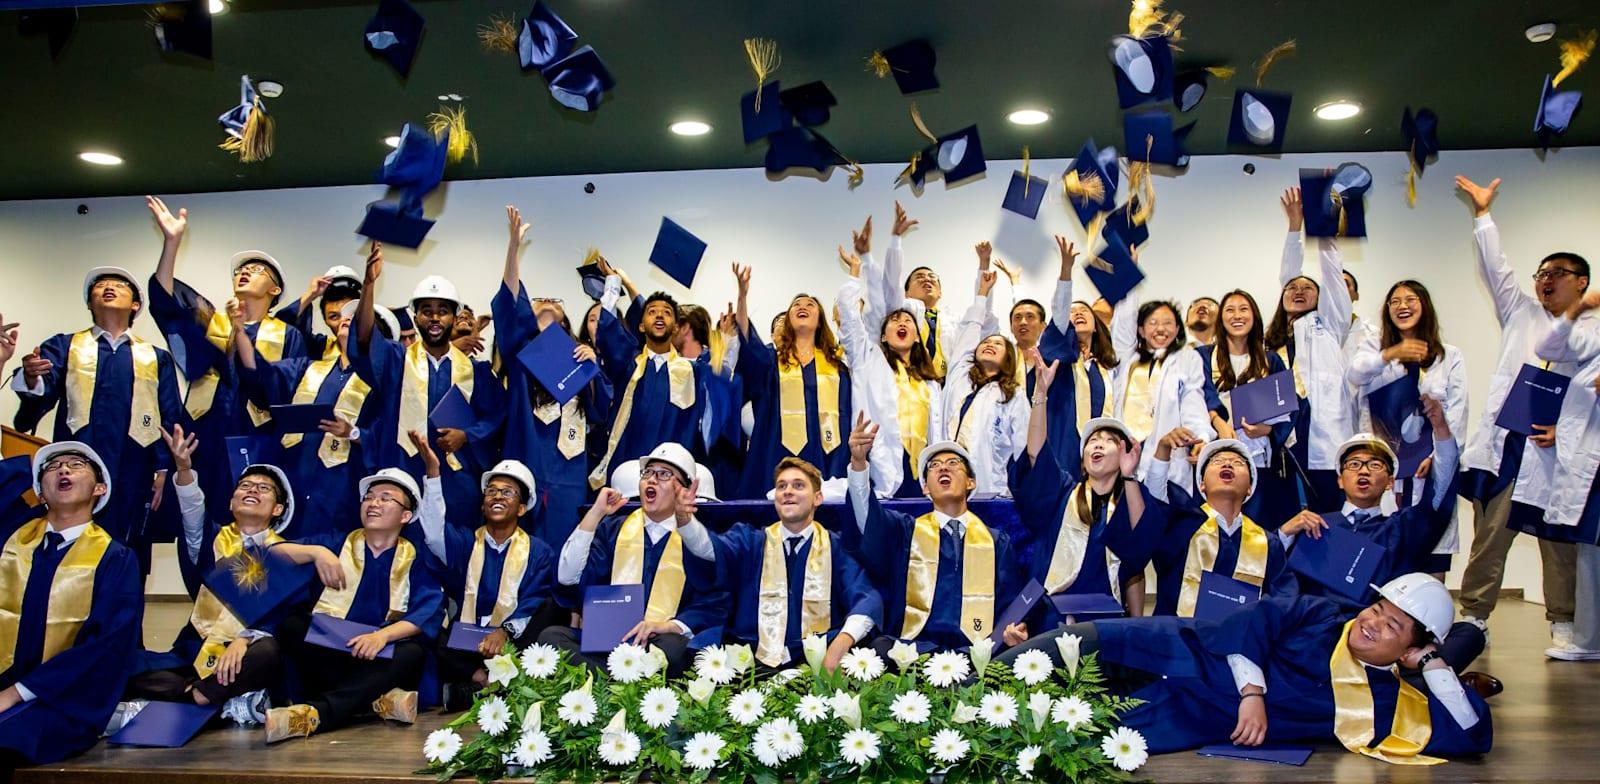 סטודנטים זרים למקצועות הייטק וטכנולוגיה בטכניון חיפה / צילום: ארכיון המרכז הבינלאומי בטכניון